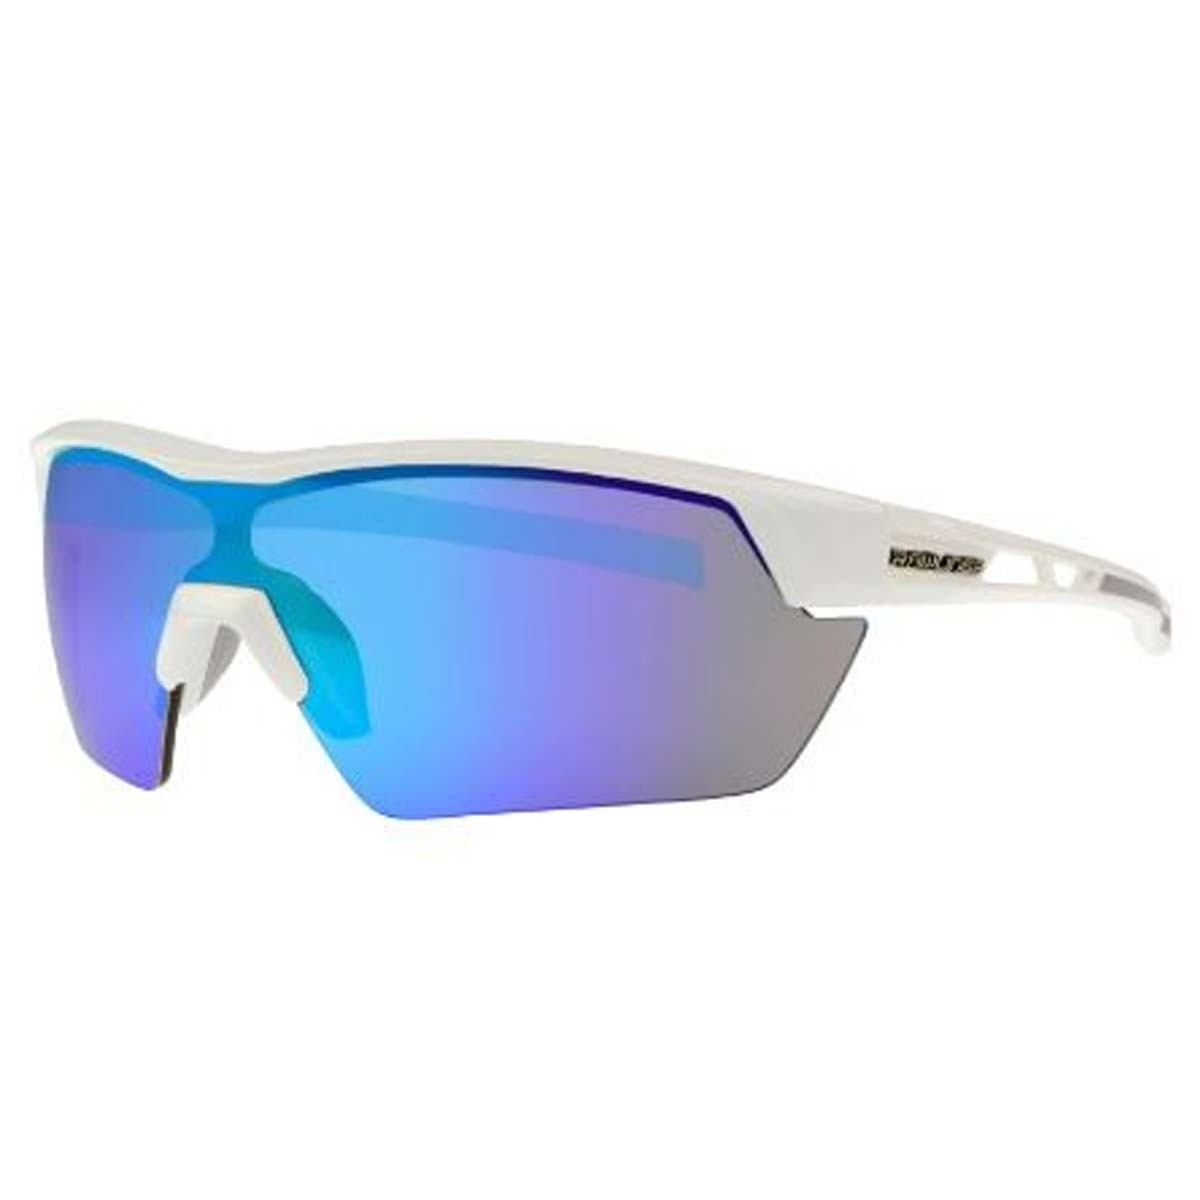 f196a1c9e72 Rawlings 34 Adult Sunglasses